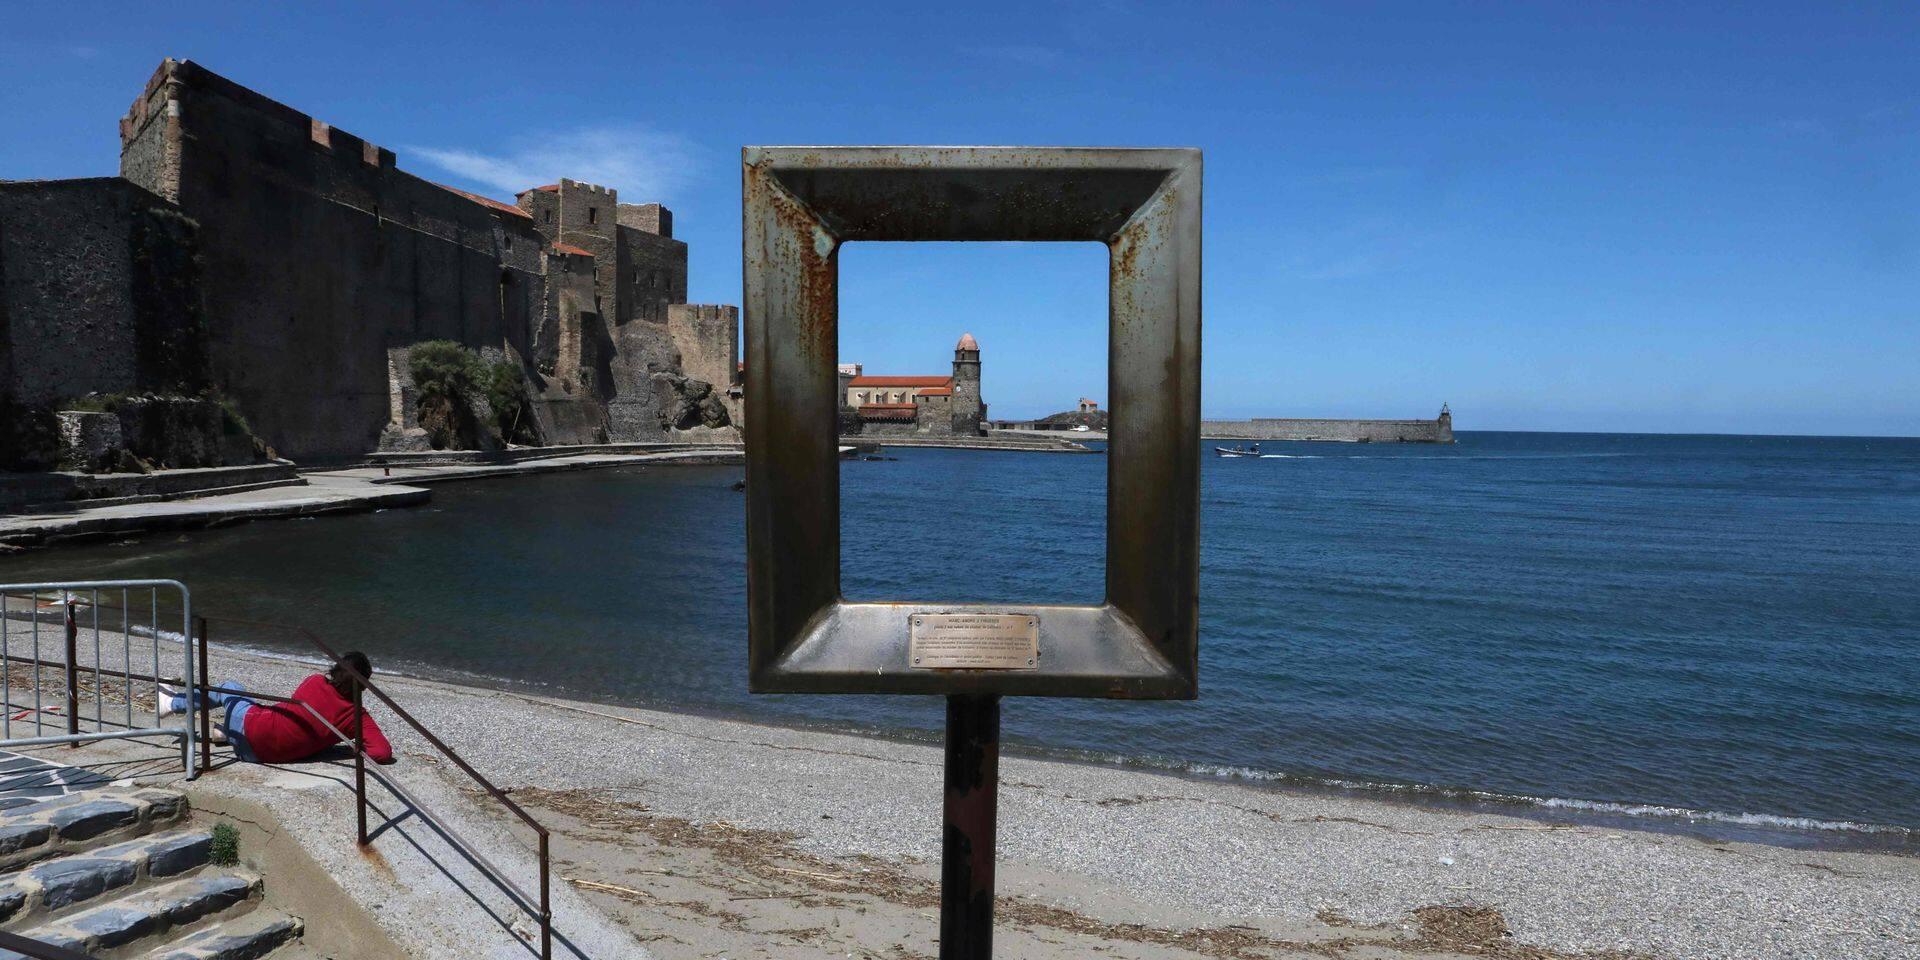 Vacances en France : les Belges pourront-ils s'y rendre ?